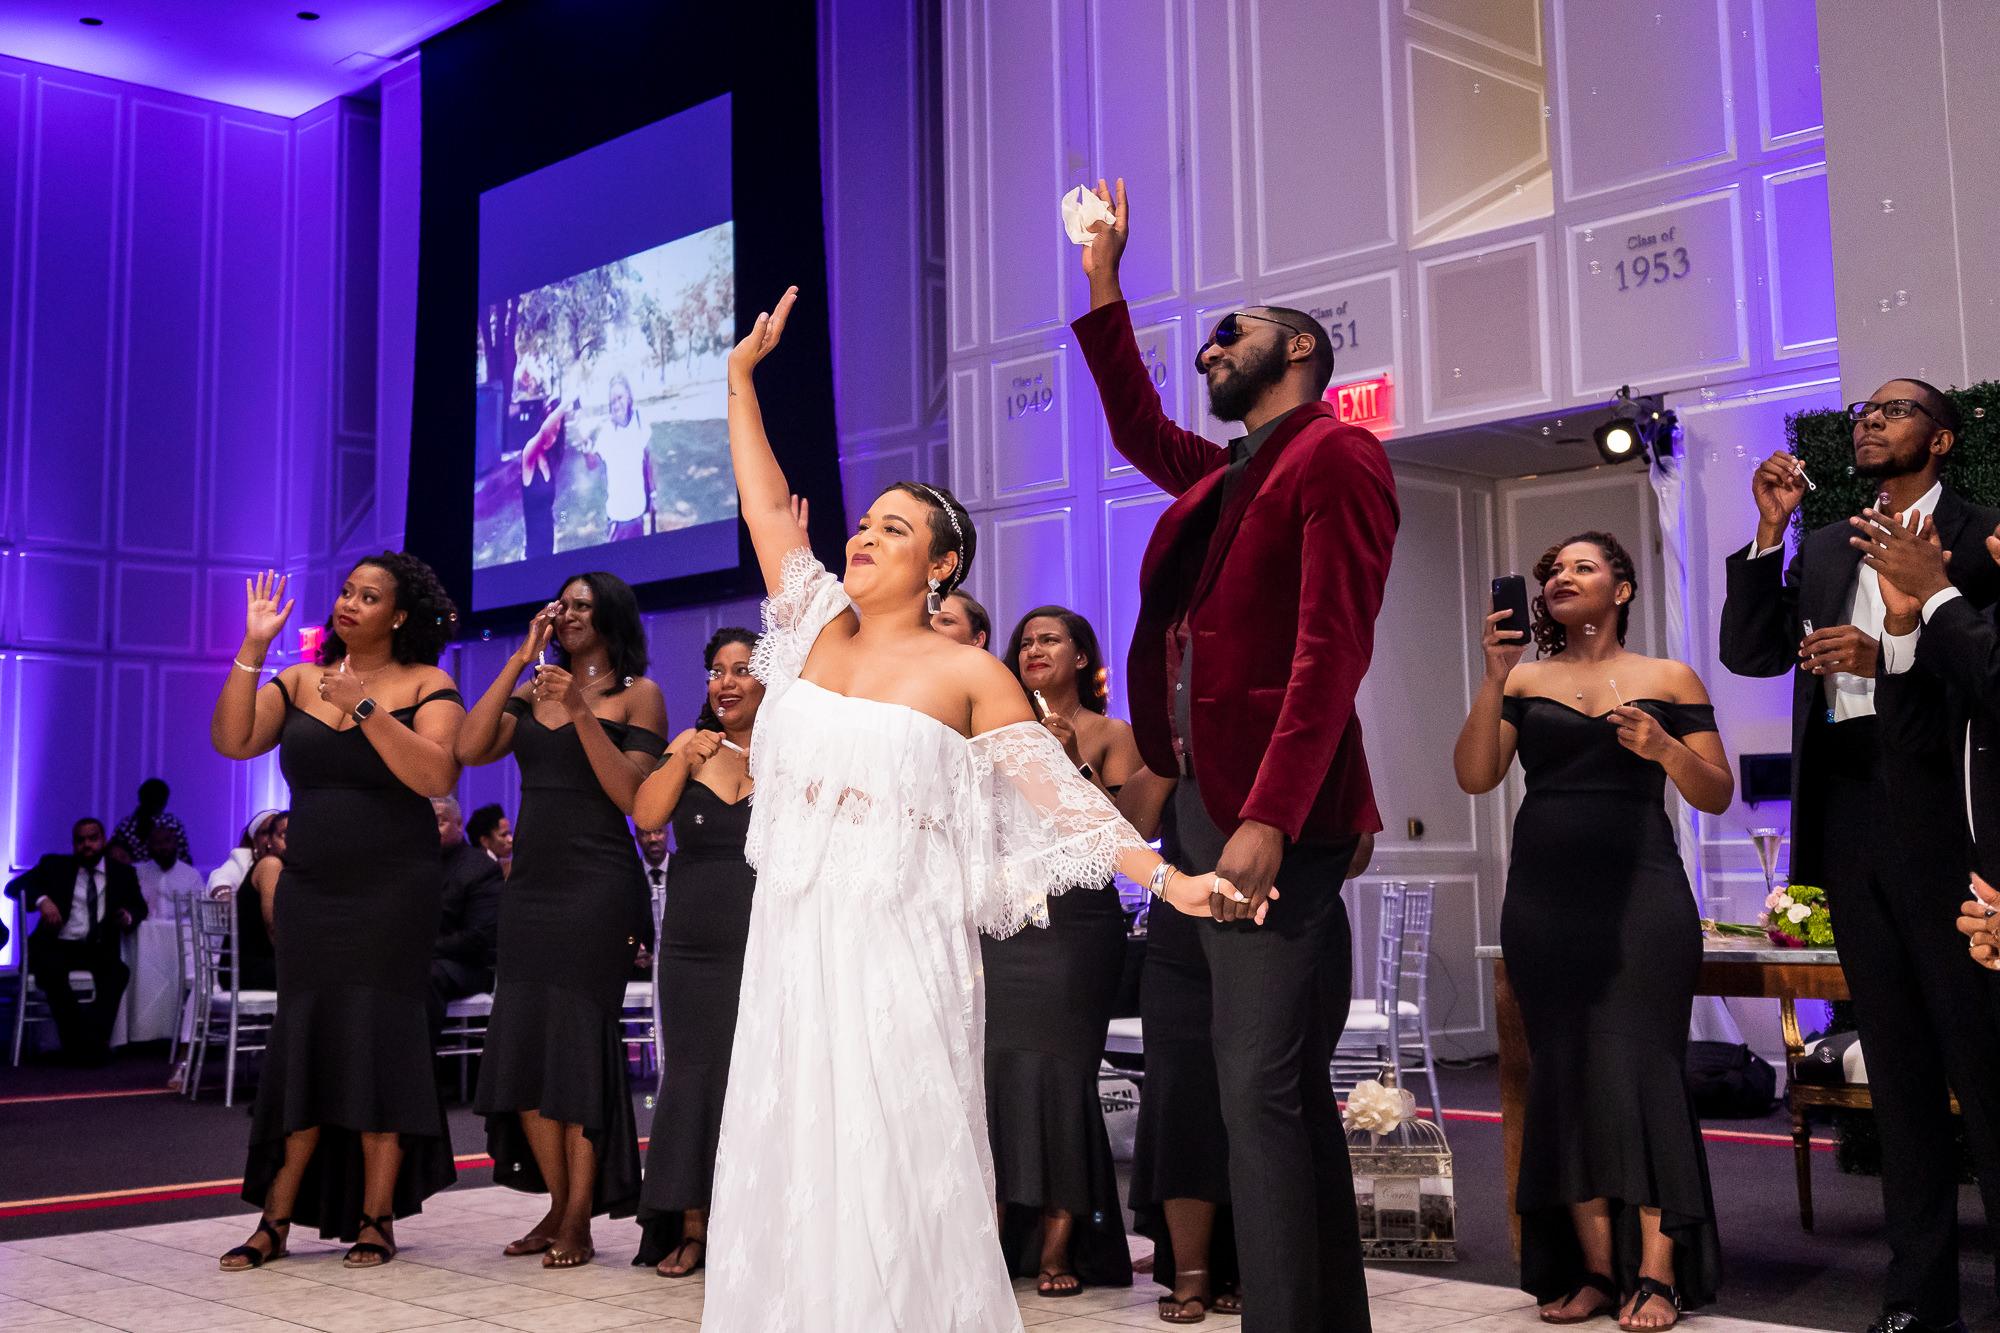 058-058-christopher-jason-studios-university-of-maryland-wedding-raheem-Devaughn-african-american-bride-and-groom.jpg